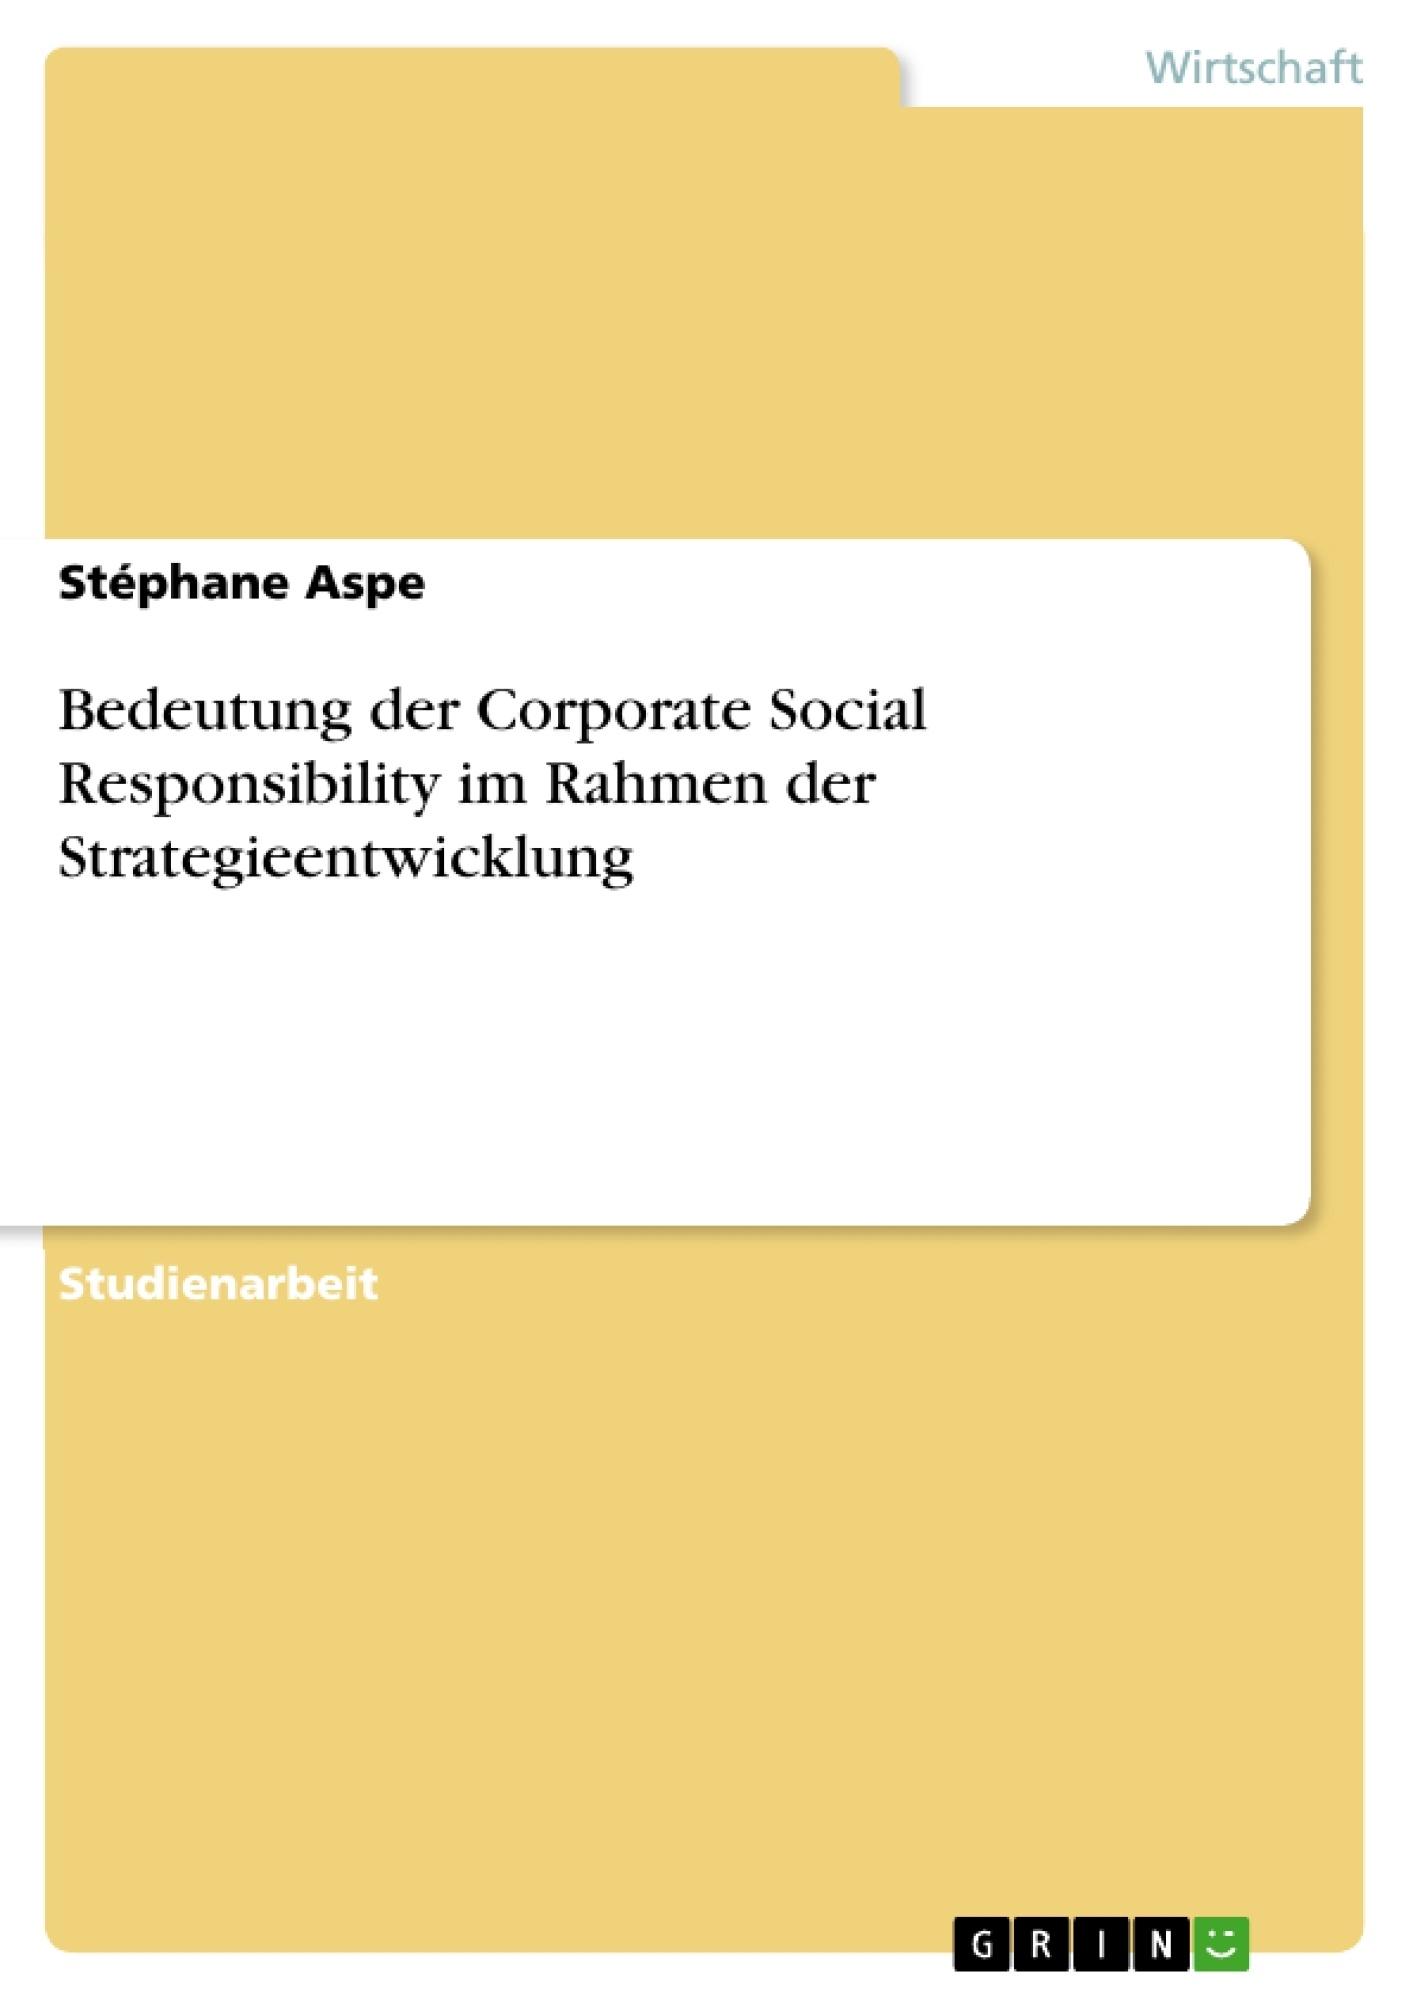 Titel: Bedeutung der Corporate Social Responsibility im Rahmen der Strategieentwicklung